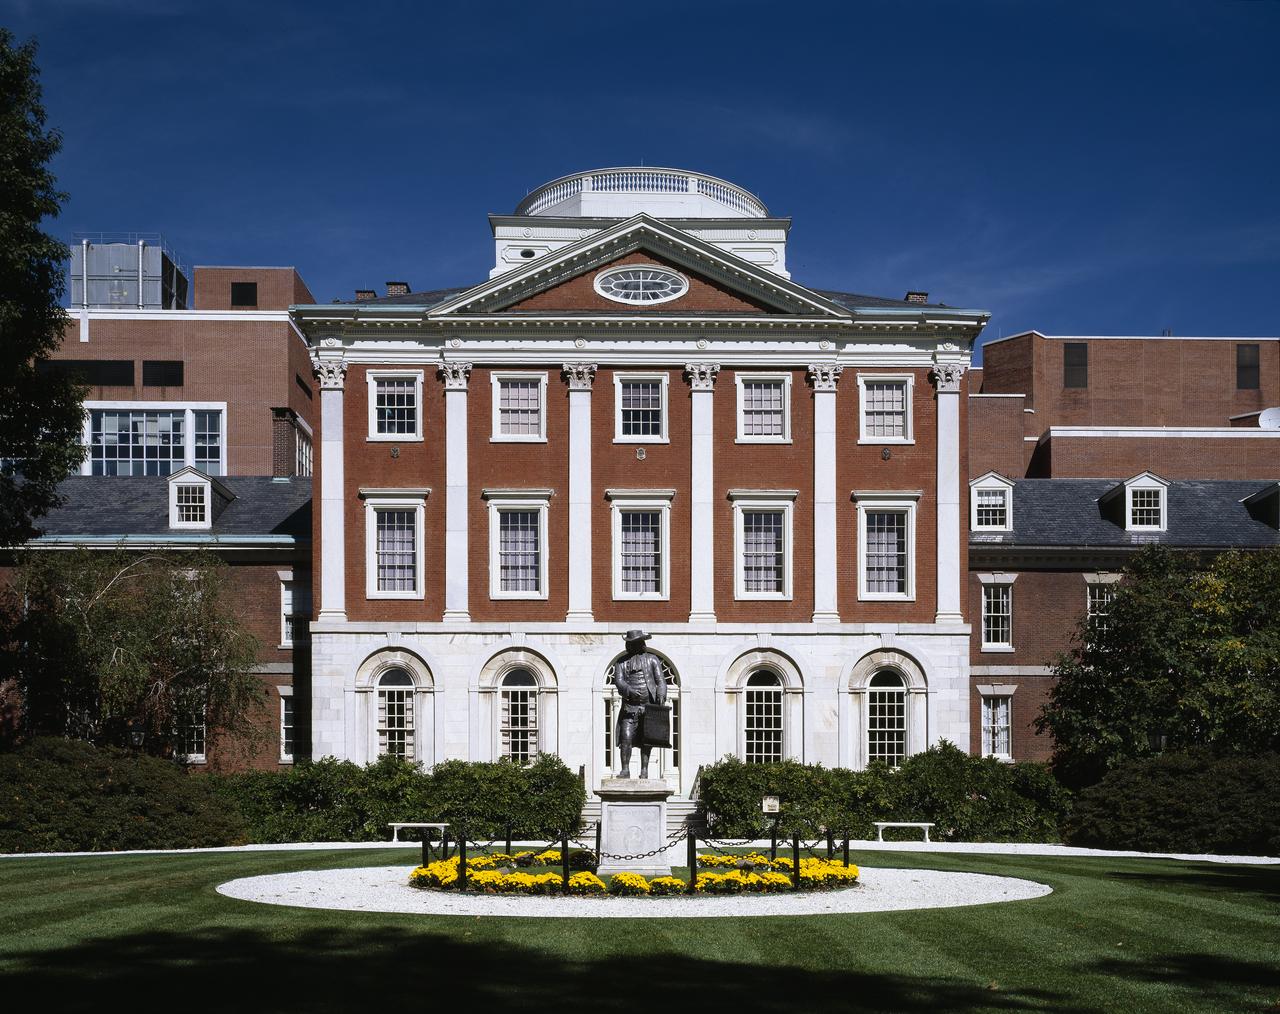 1280px-Pennsylvania_Hospital_%28Highsmit